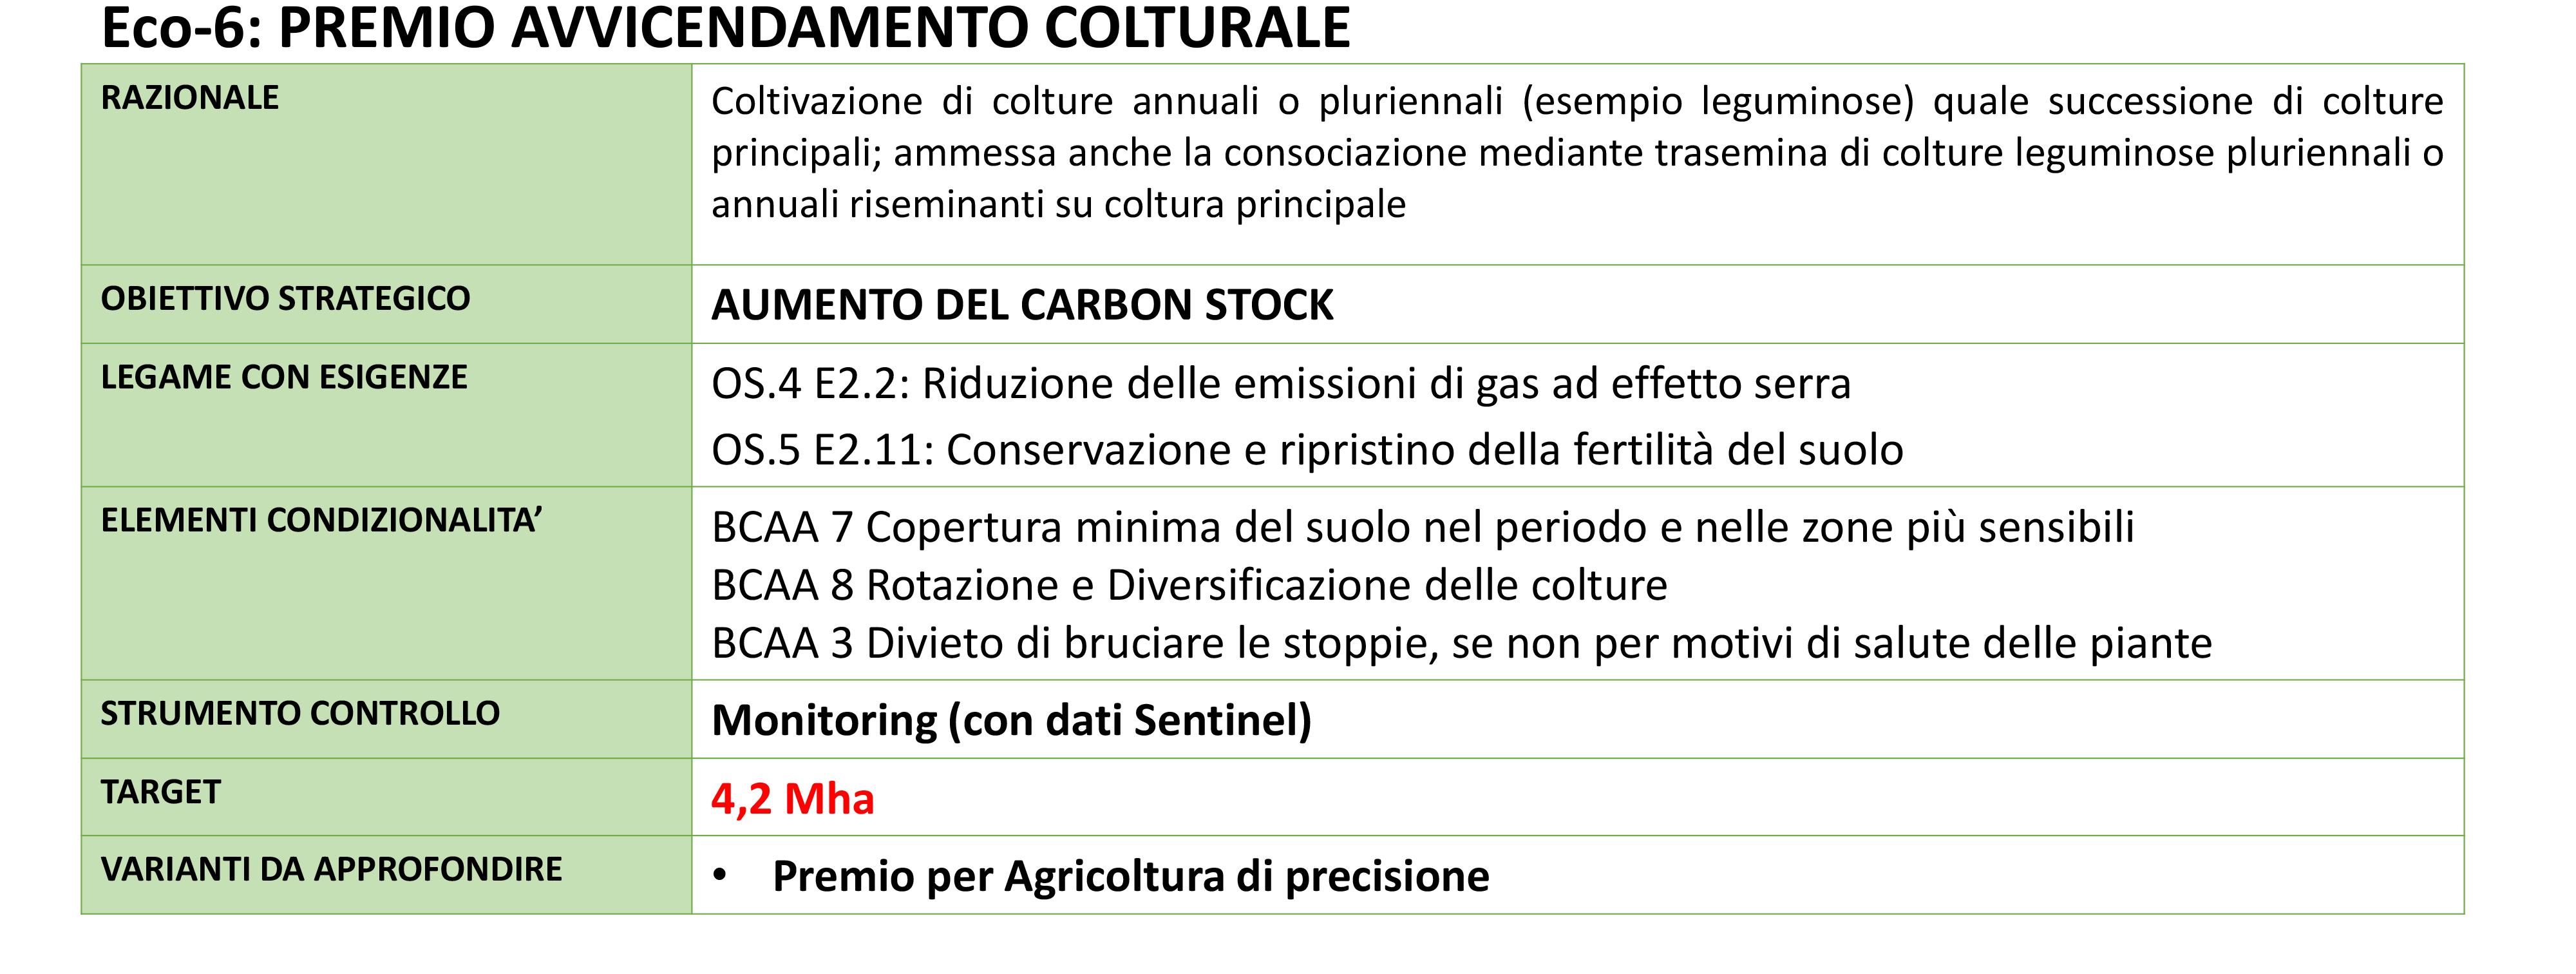 grafico eco-schema6